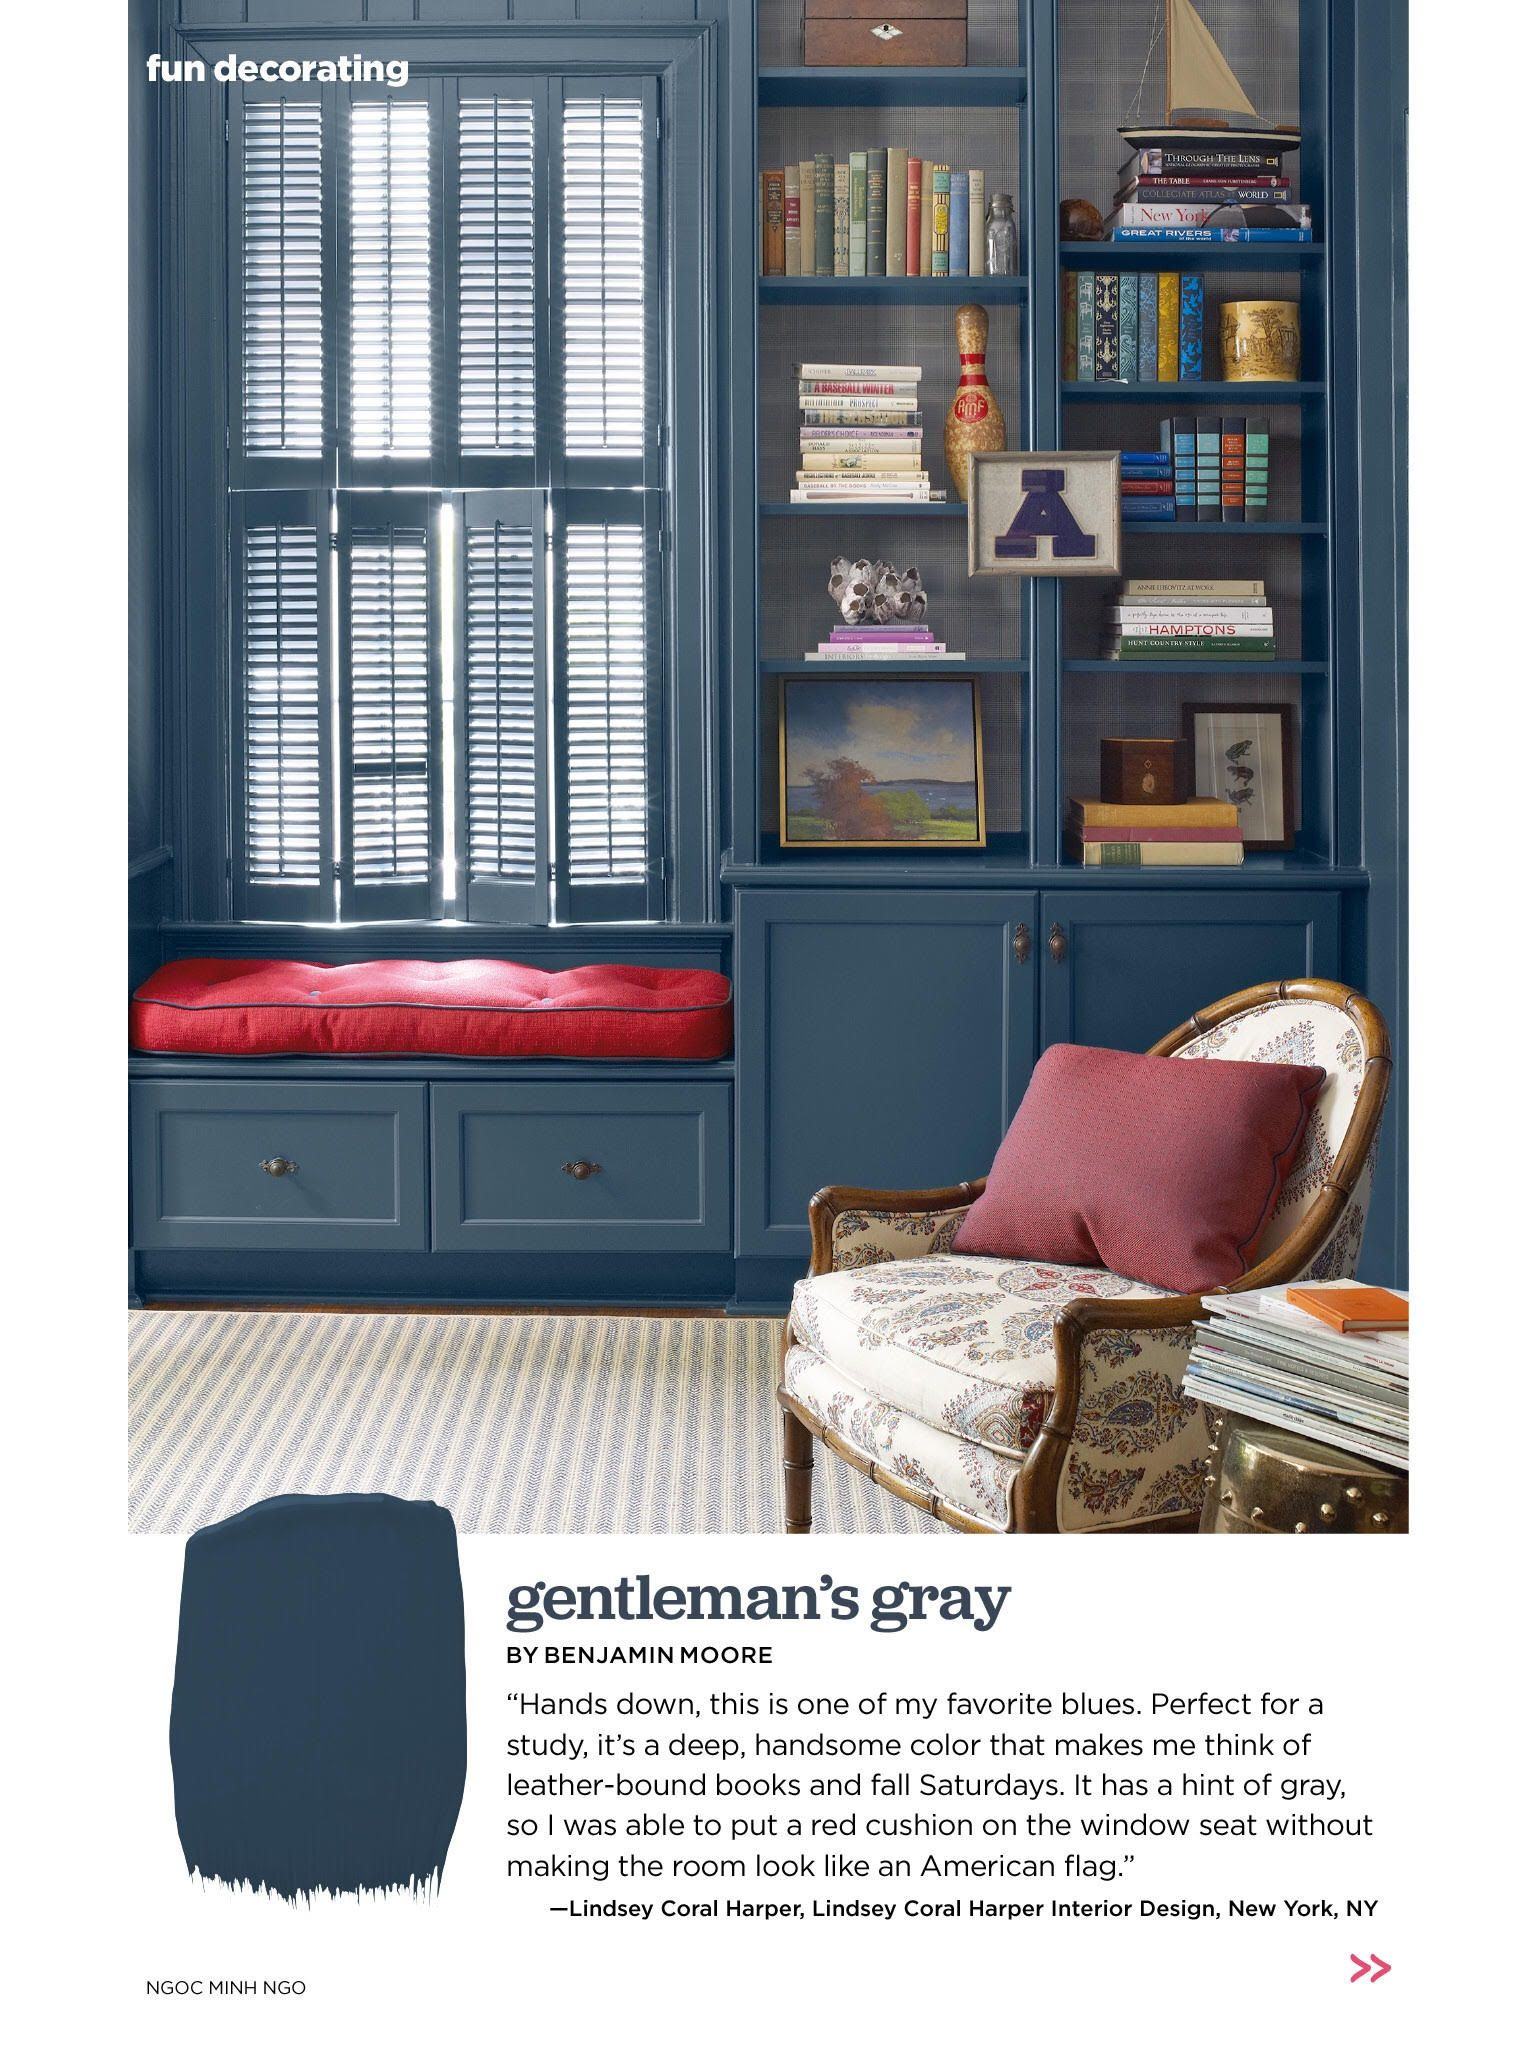 benjamin moore gentleman 39 s gray navy paint color paint. Black Bedroom Furniture Sets. Home Design Ideas